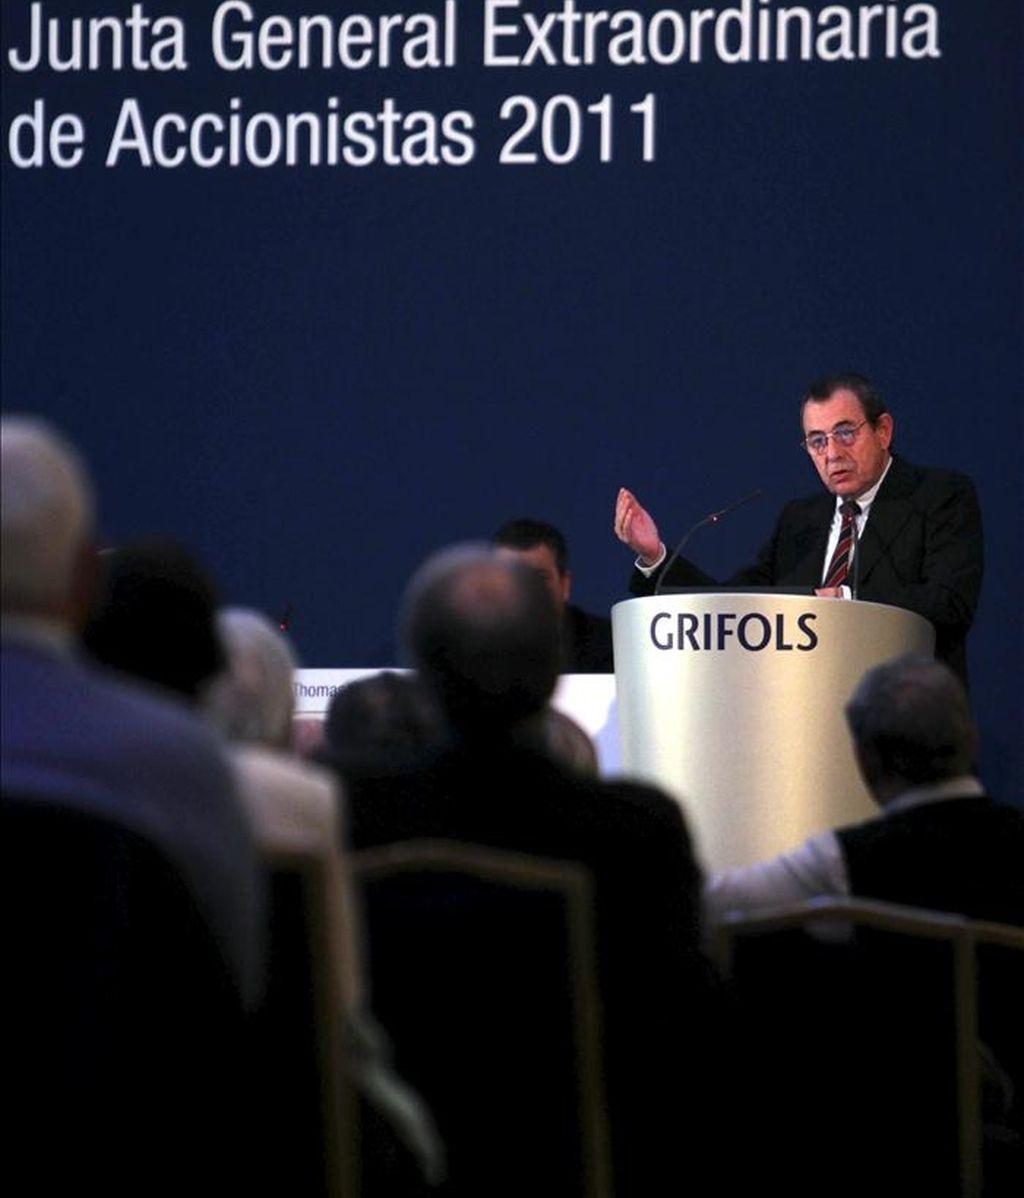 El presidente de Grifols, Víctor Grifols. EFE/Archivo